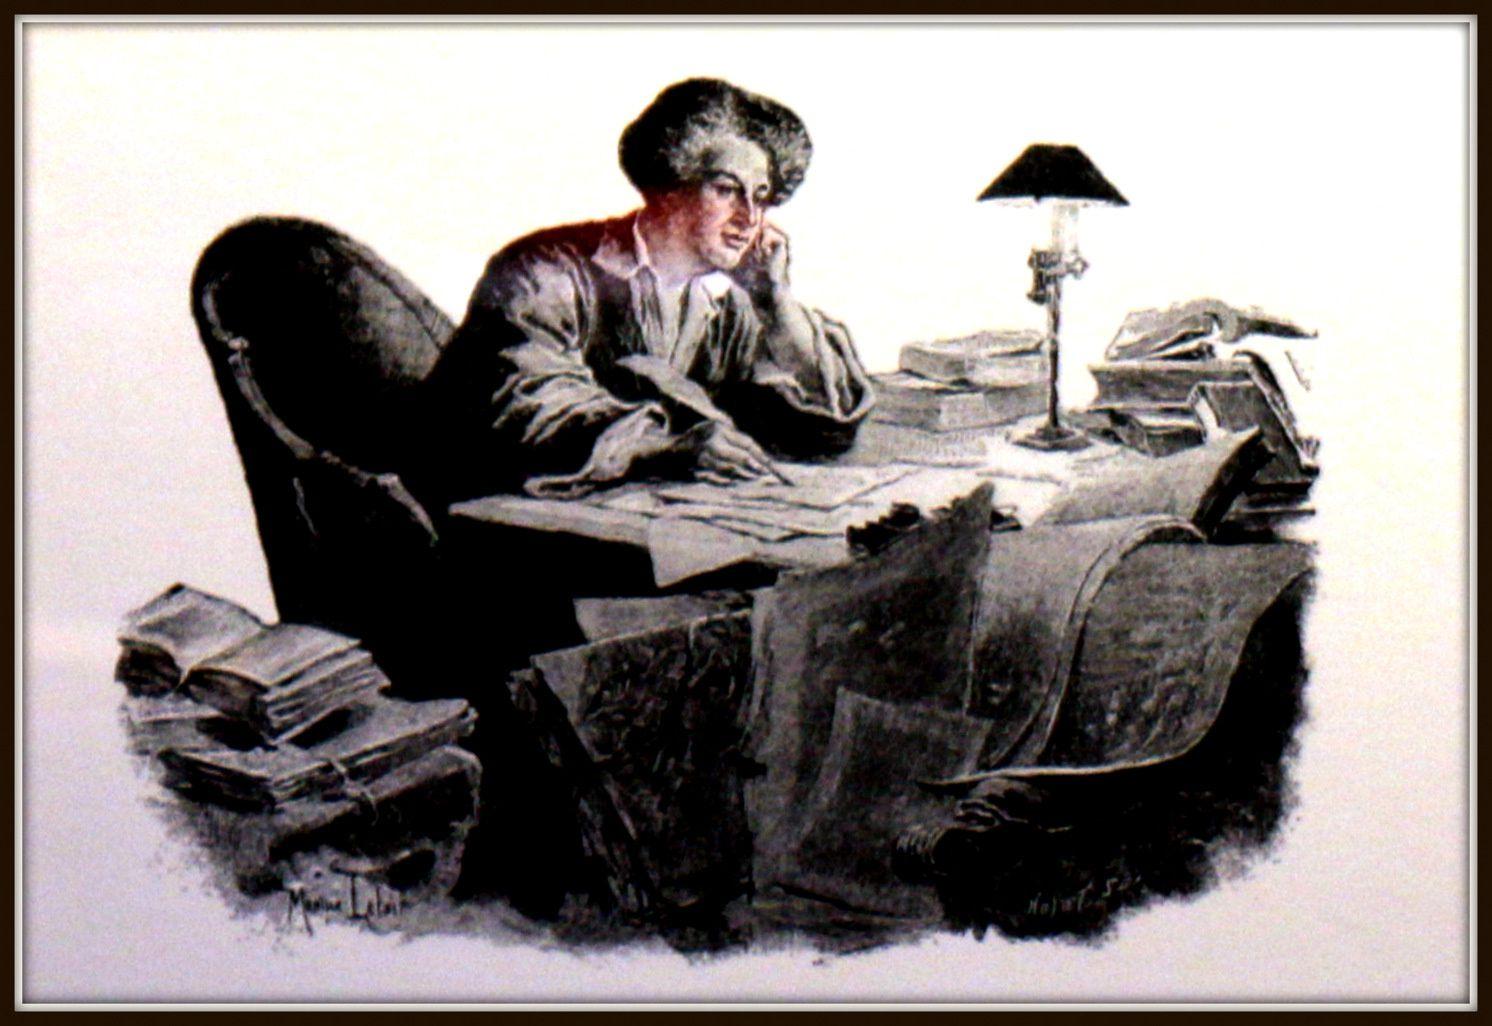 Alexandre Dumas, château de Monte-Cristo